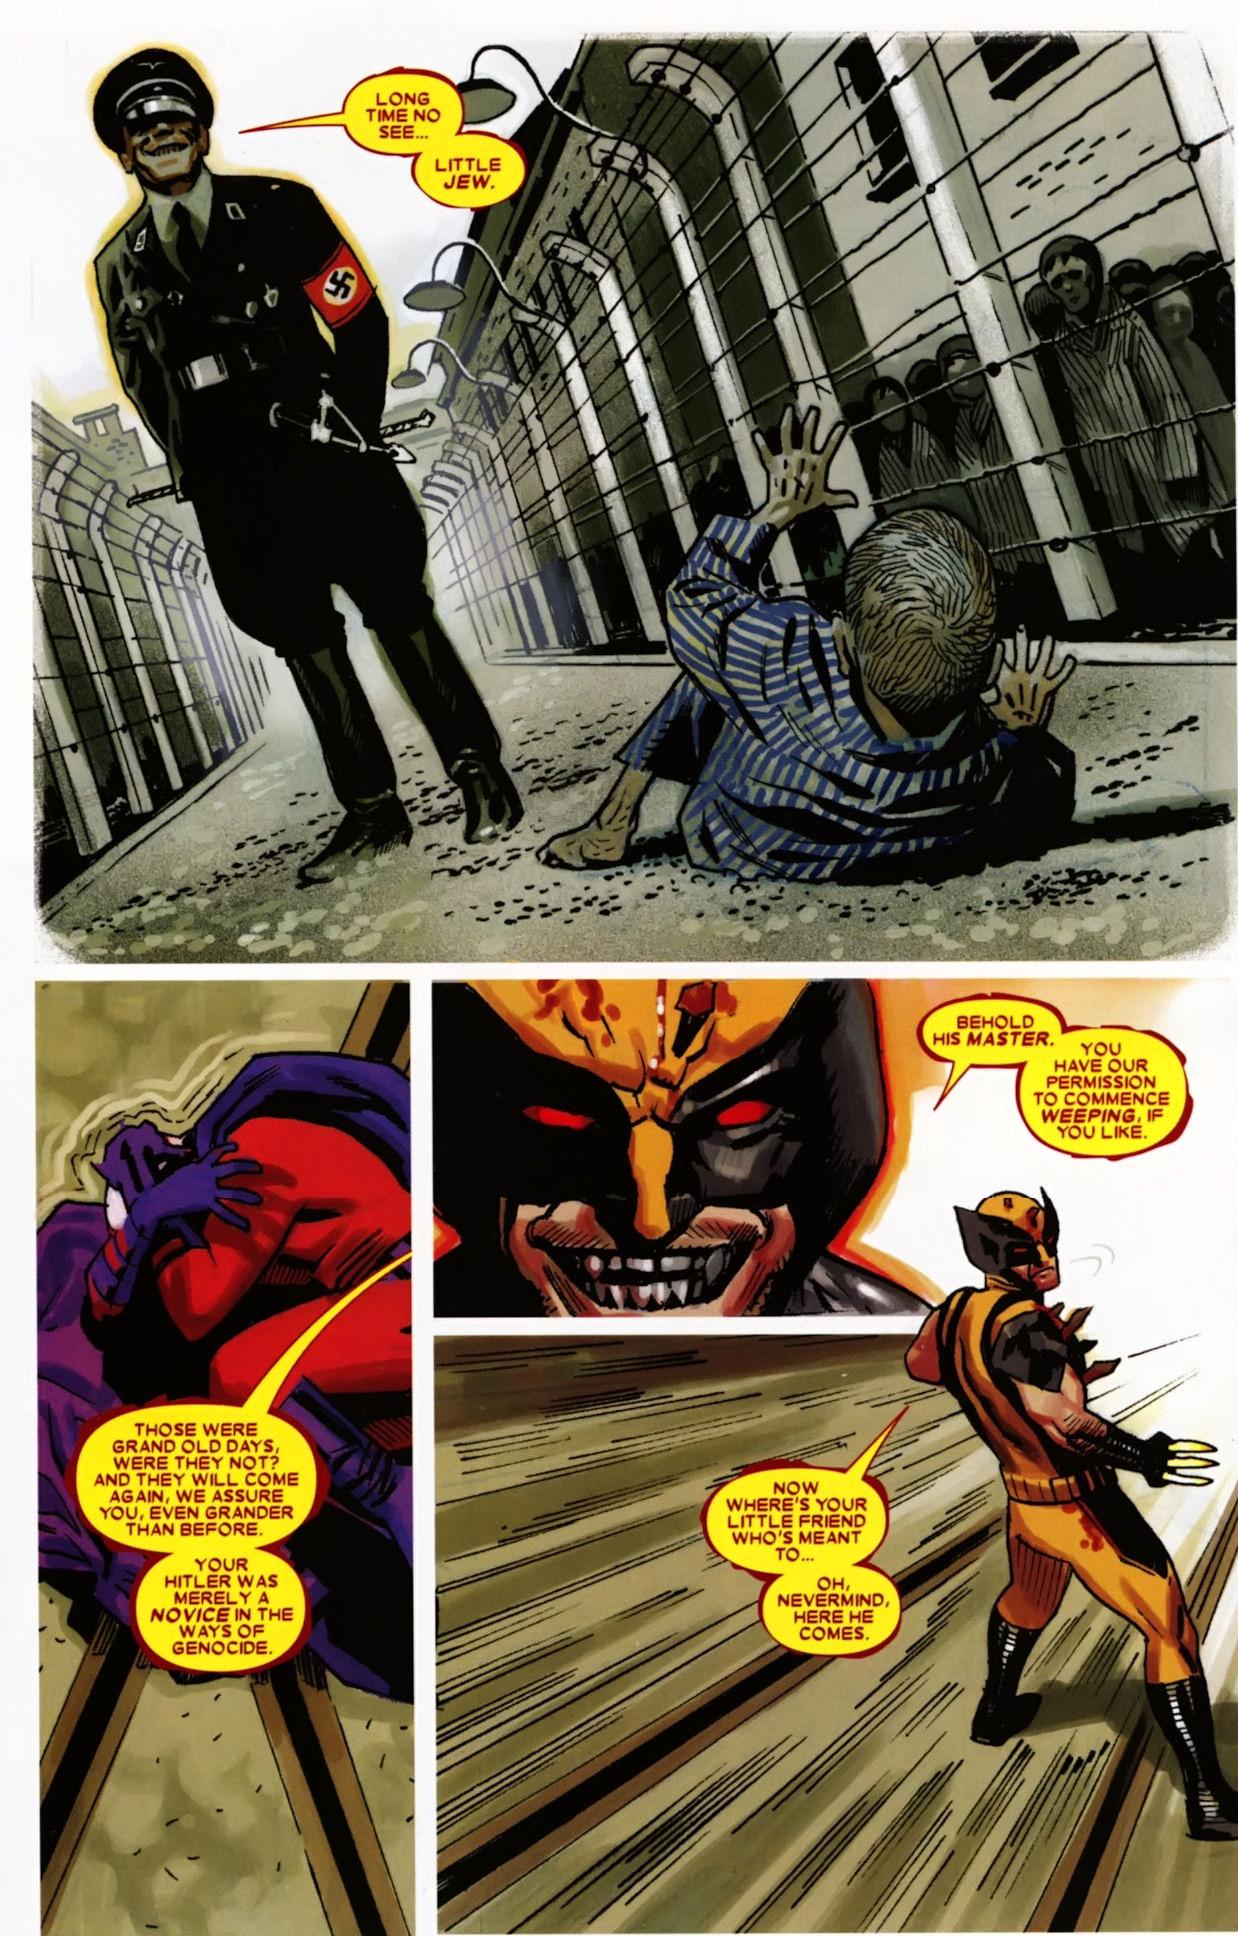 demon possessed wolverine vs magneto